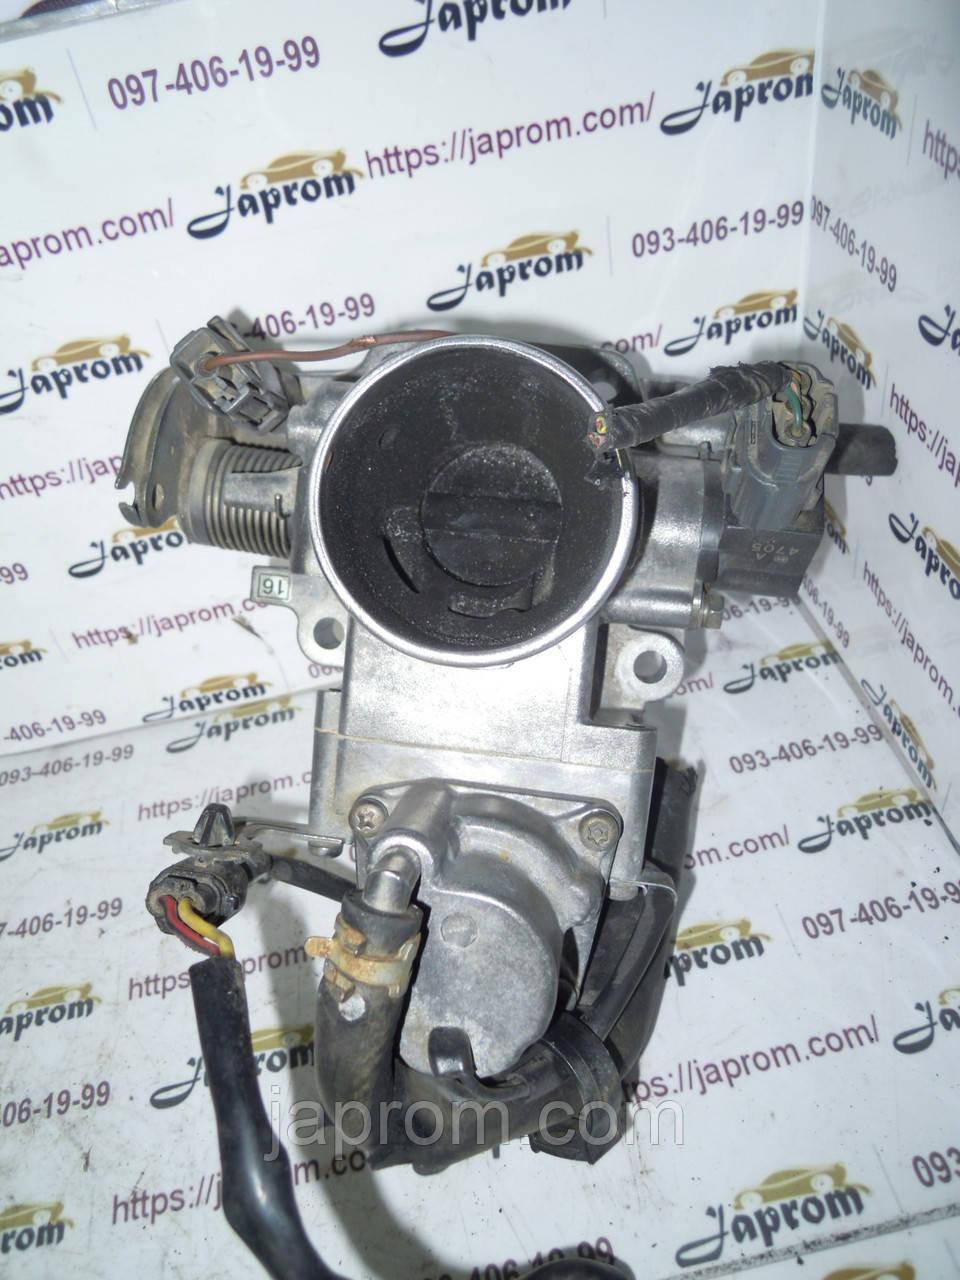 Дроссельная заслонка Mazda 626 GE 1992-1997г.в. 1.8 бензин 90 л.с.